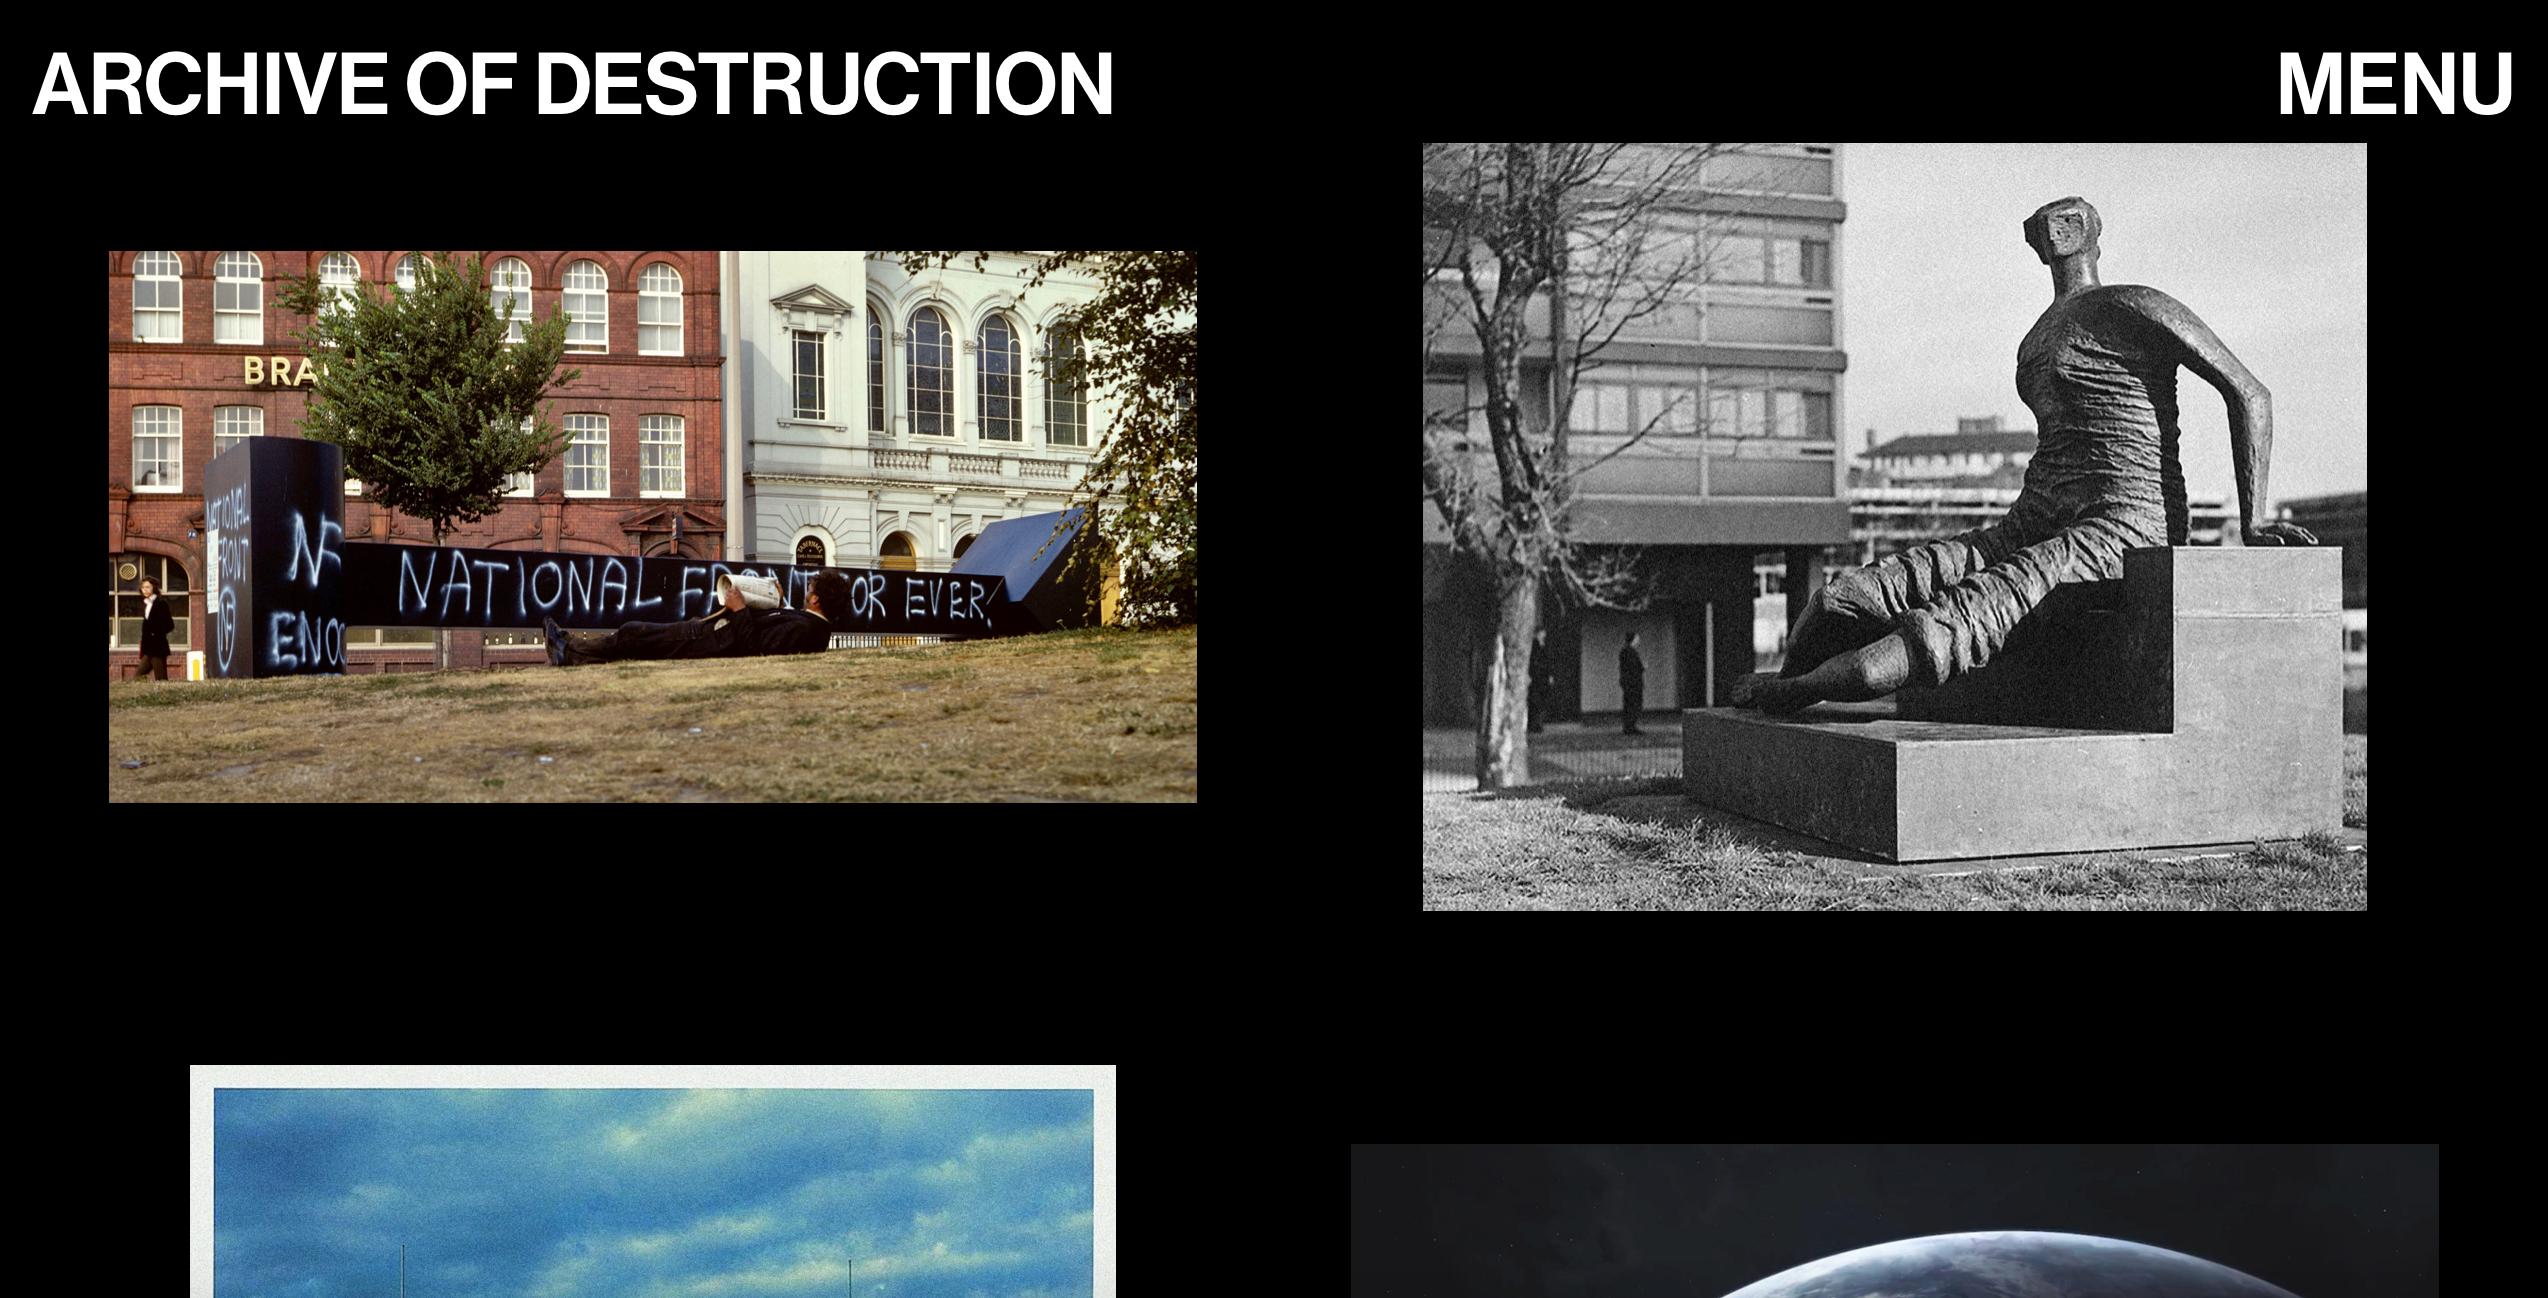 (ARCHIVE OF DESTRUCTION 5)